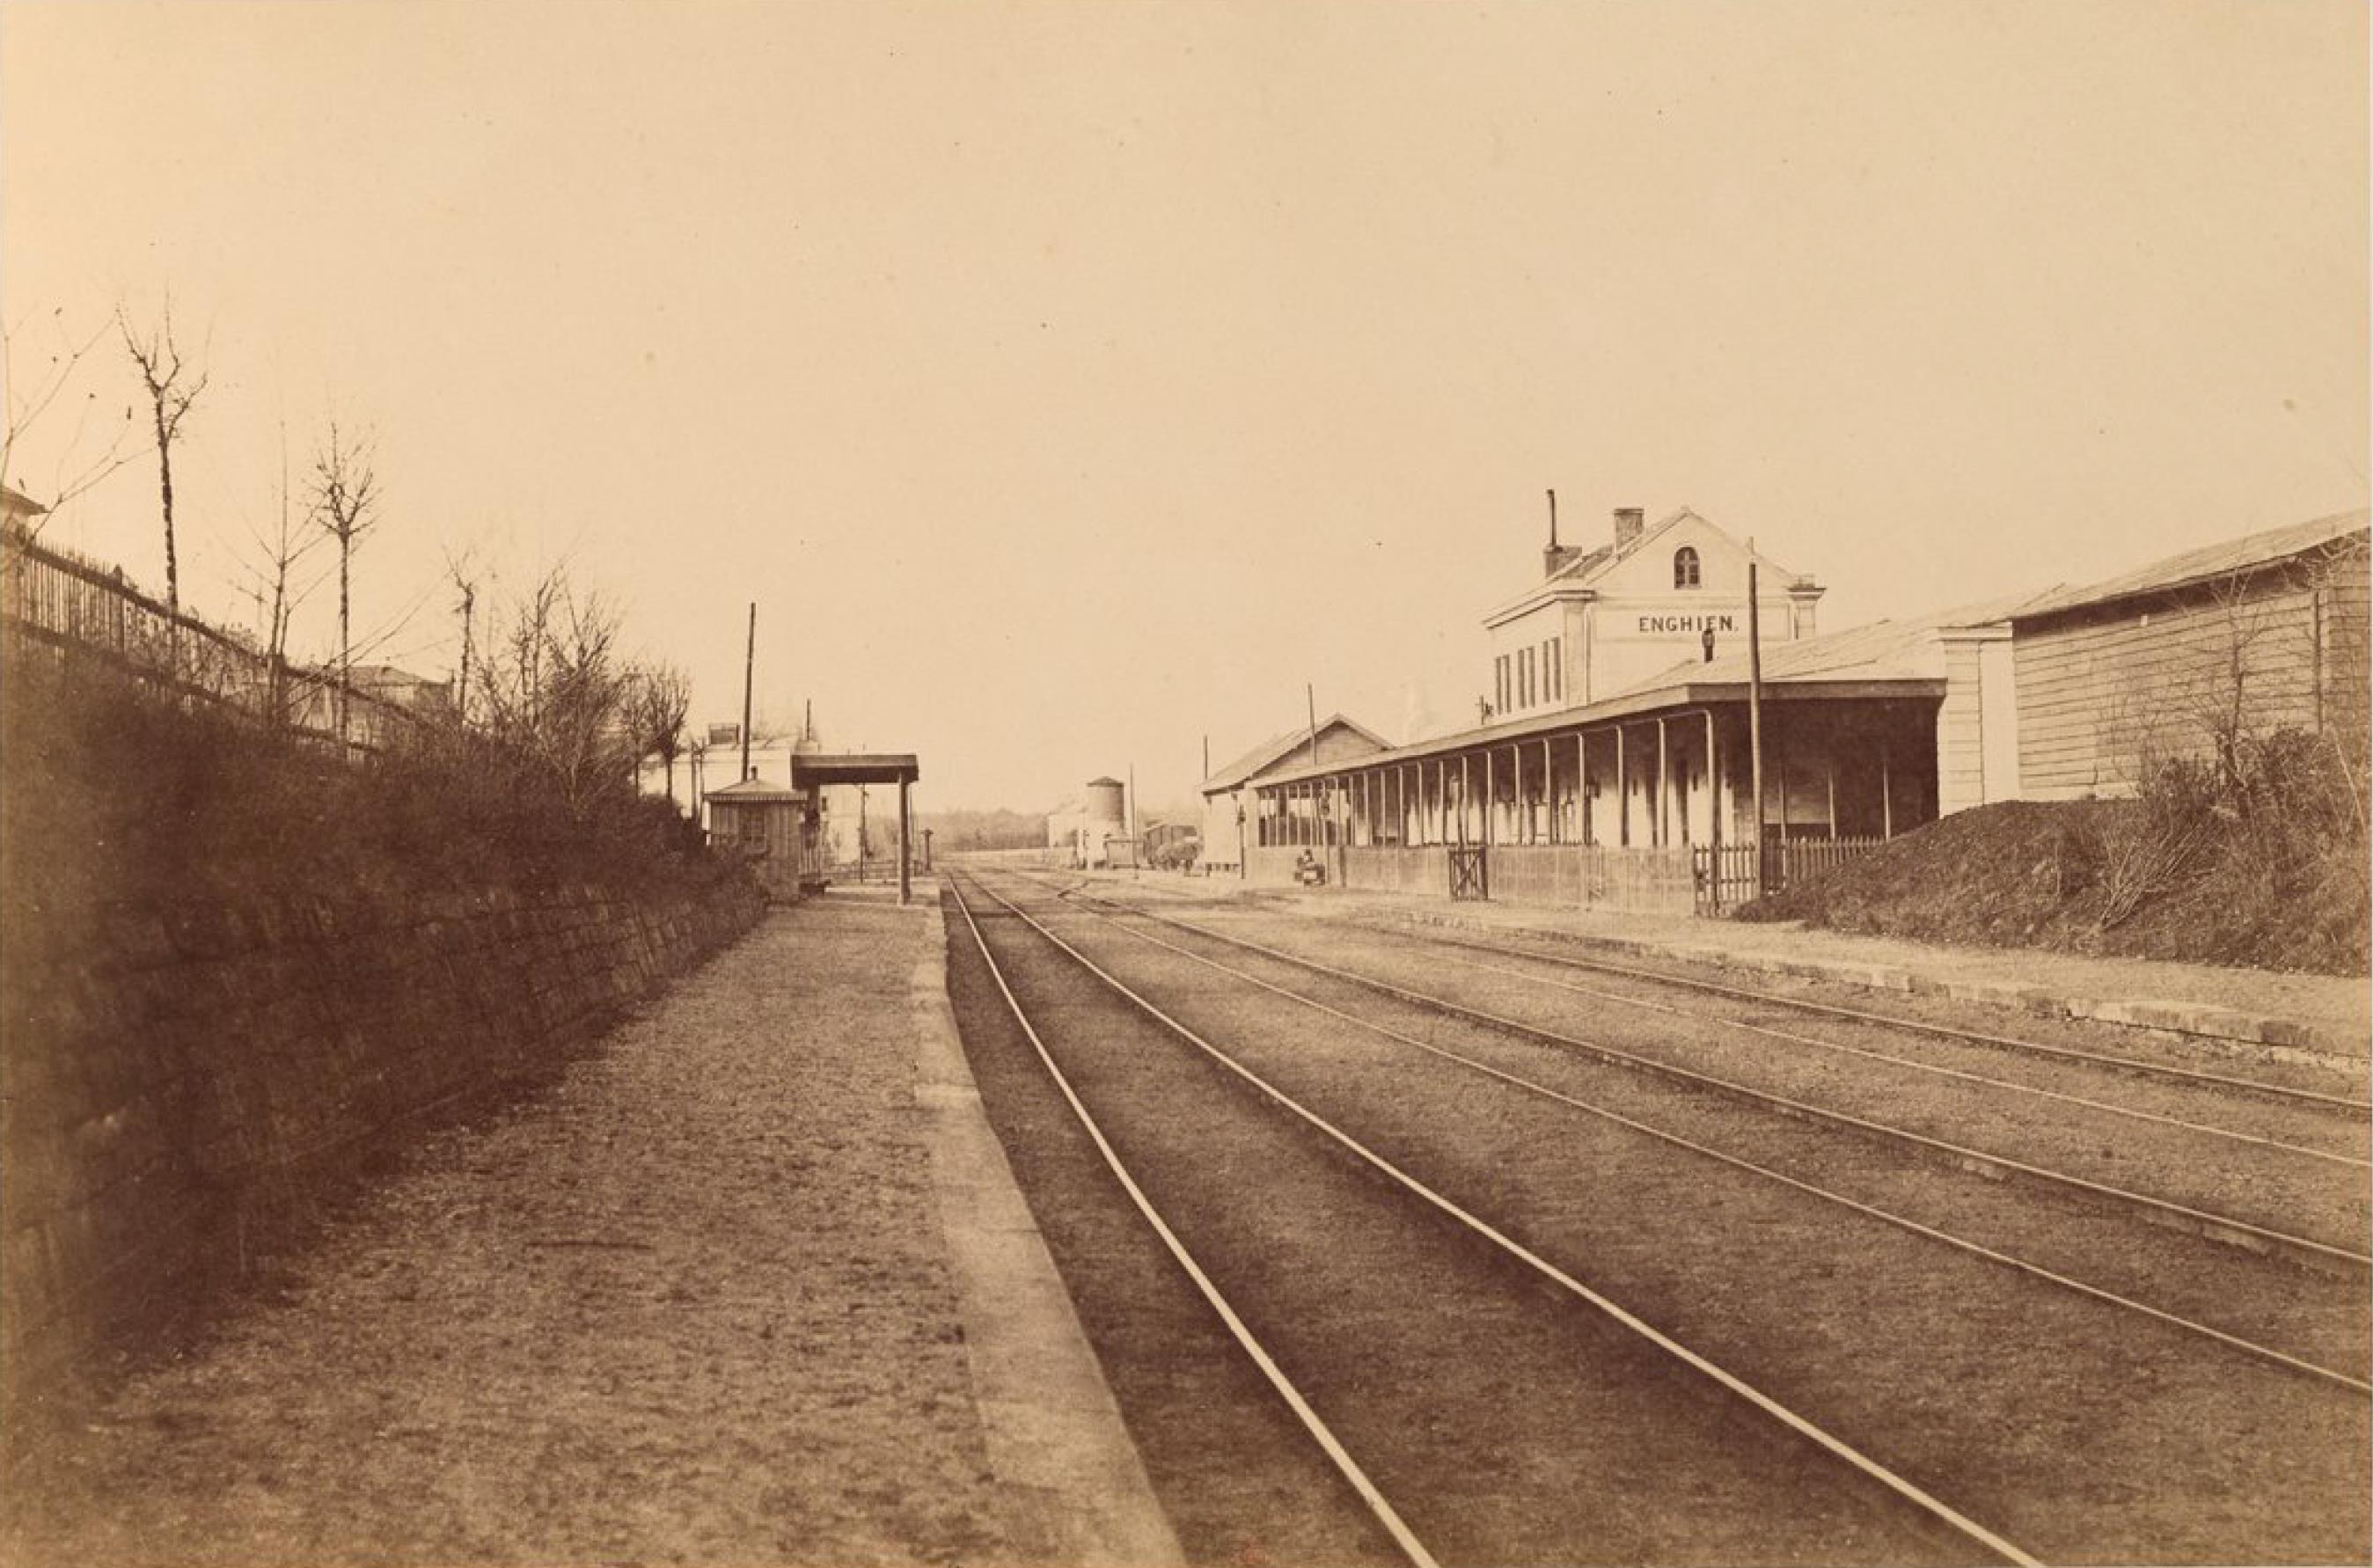 Станция Энгиен